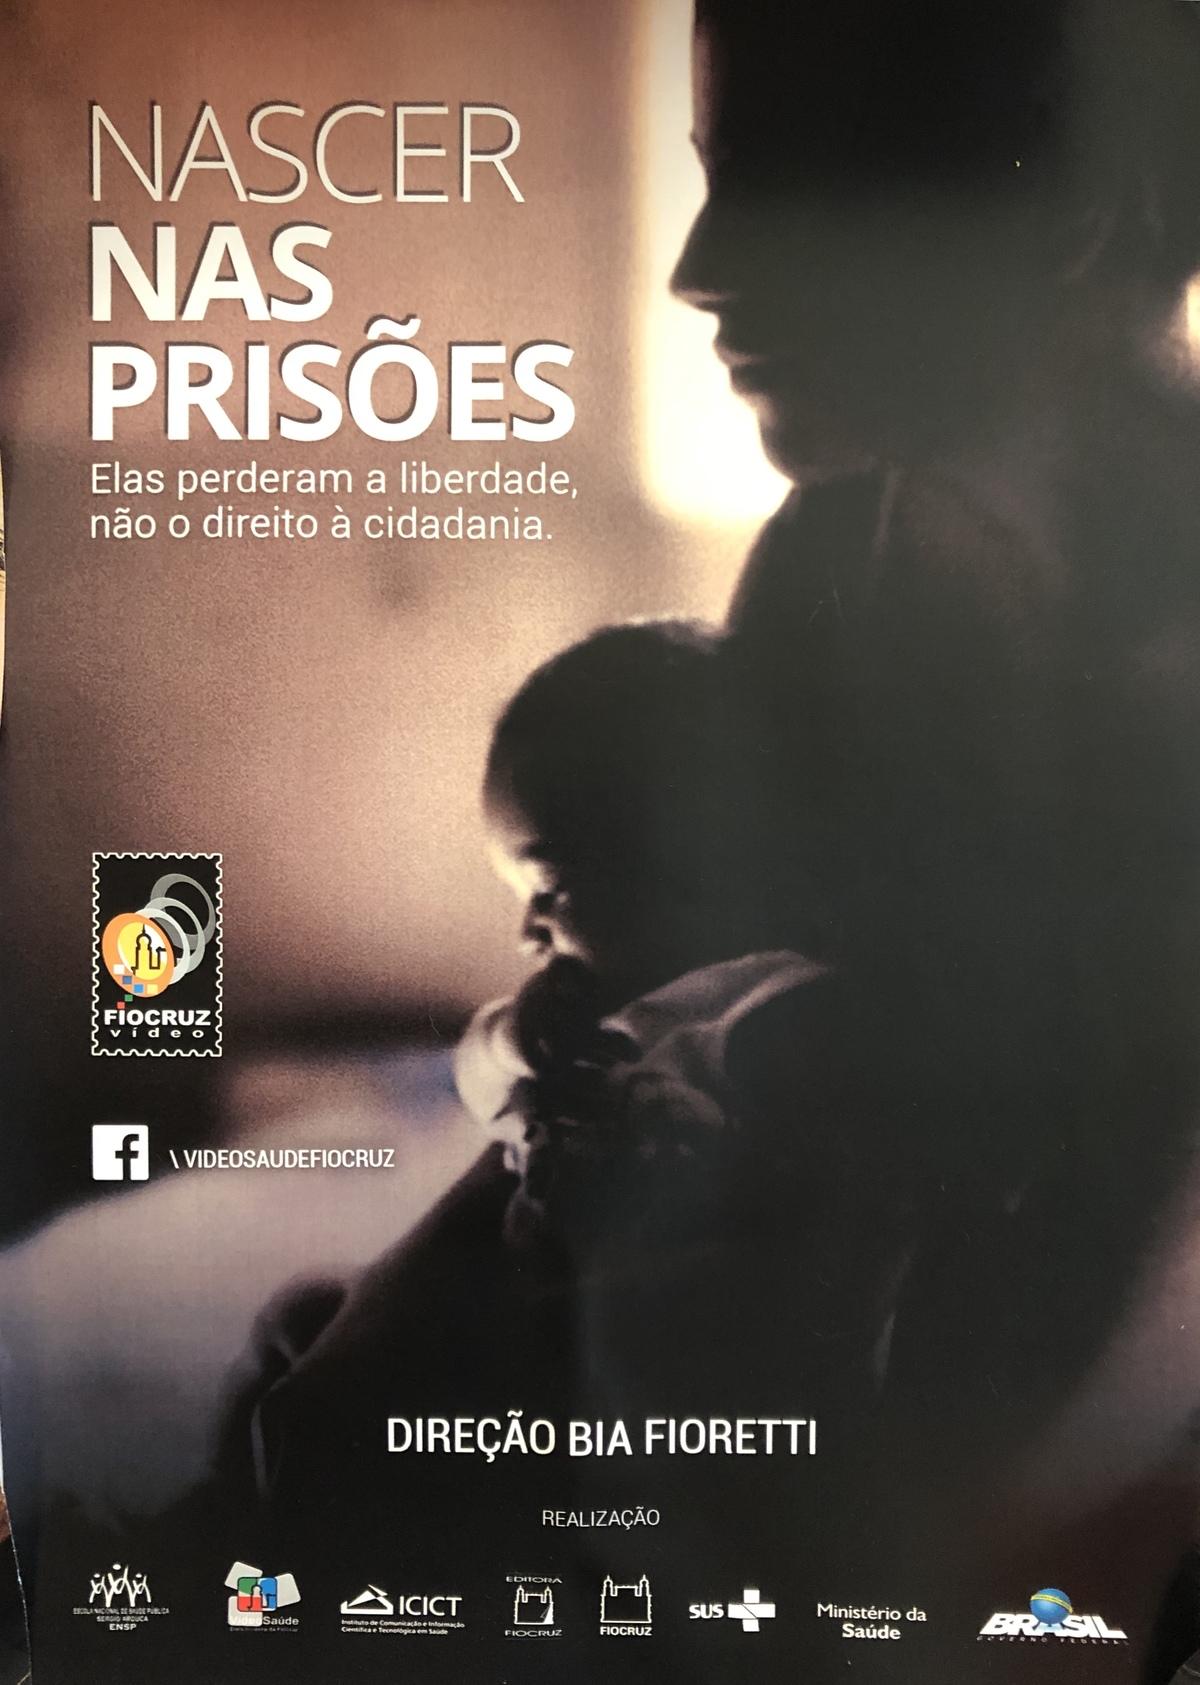 Cartaz de divulgação do filme